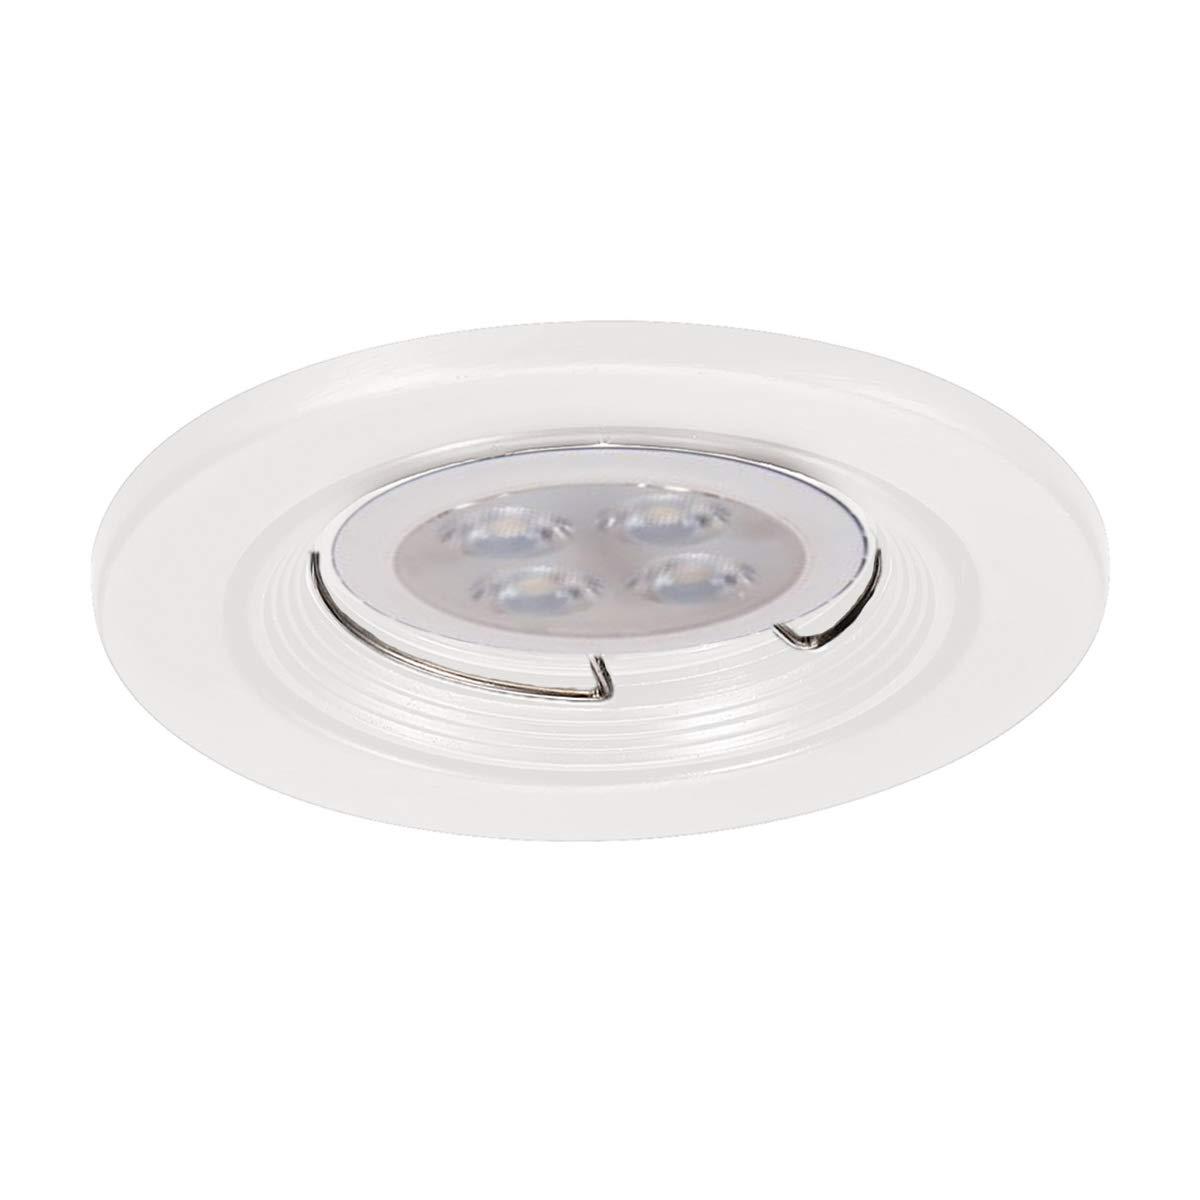 WAC Lighting HR-836LED-WT 2.5インチ ラウンドダウンライト トリム LED埋め込みライト 2.5インチ 低電圧   B07N1MTX5G